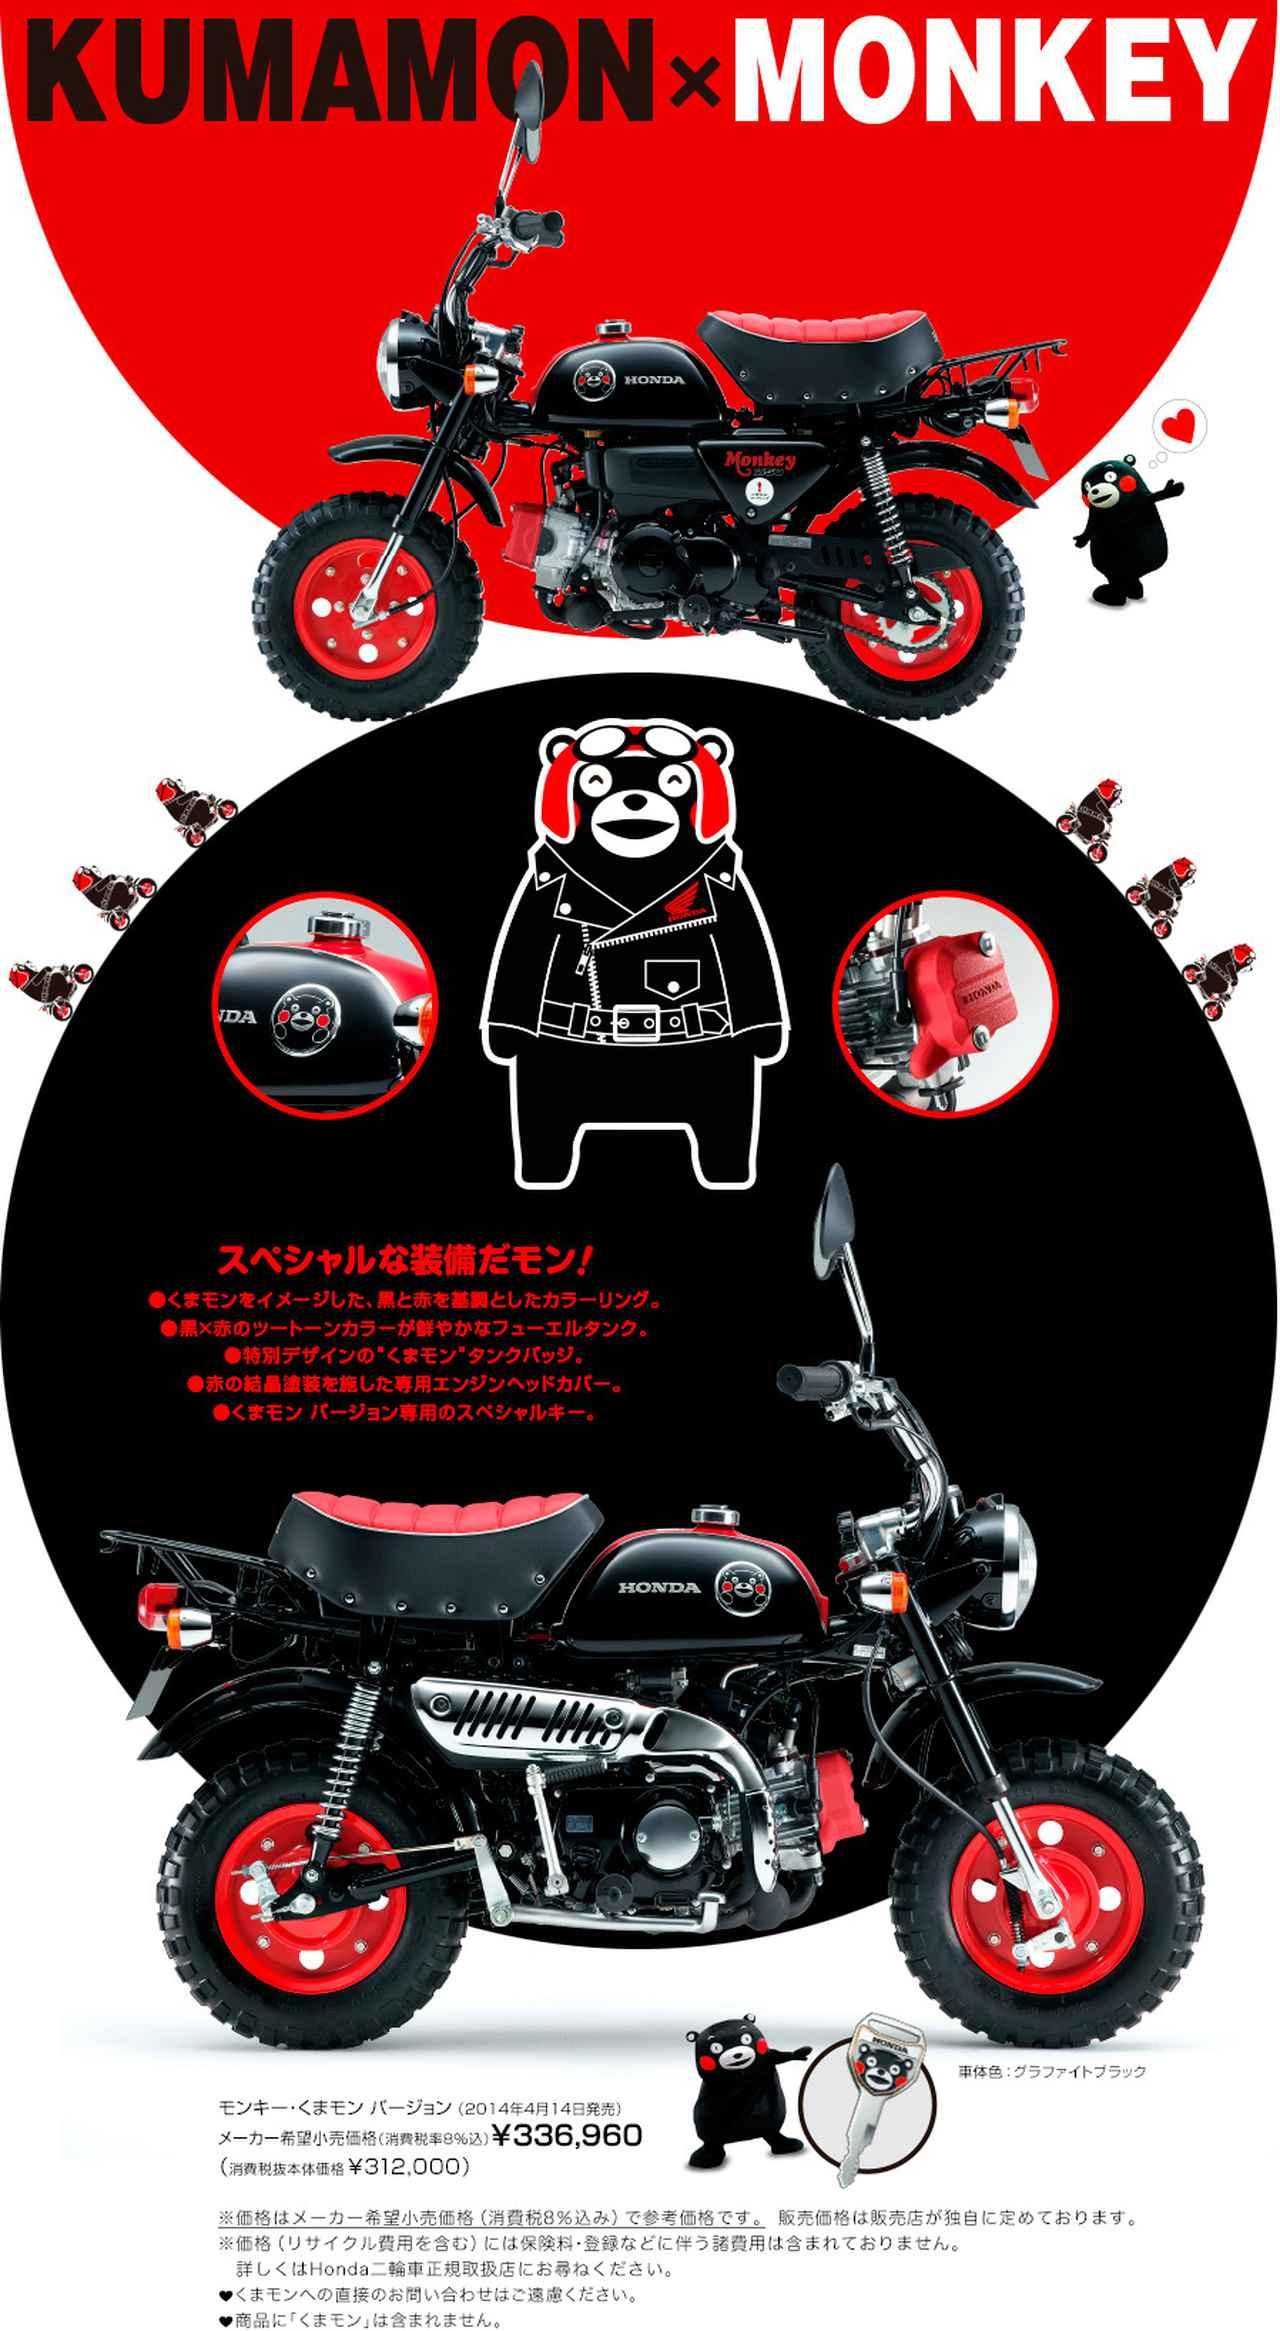 モンキー 猿 とクマがコラボ 究極のゆるバイク くまモン